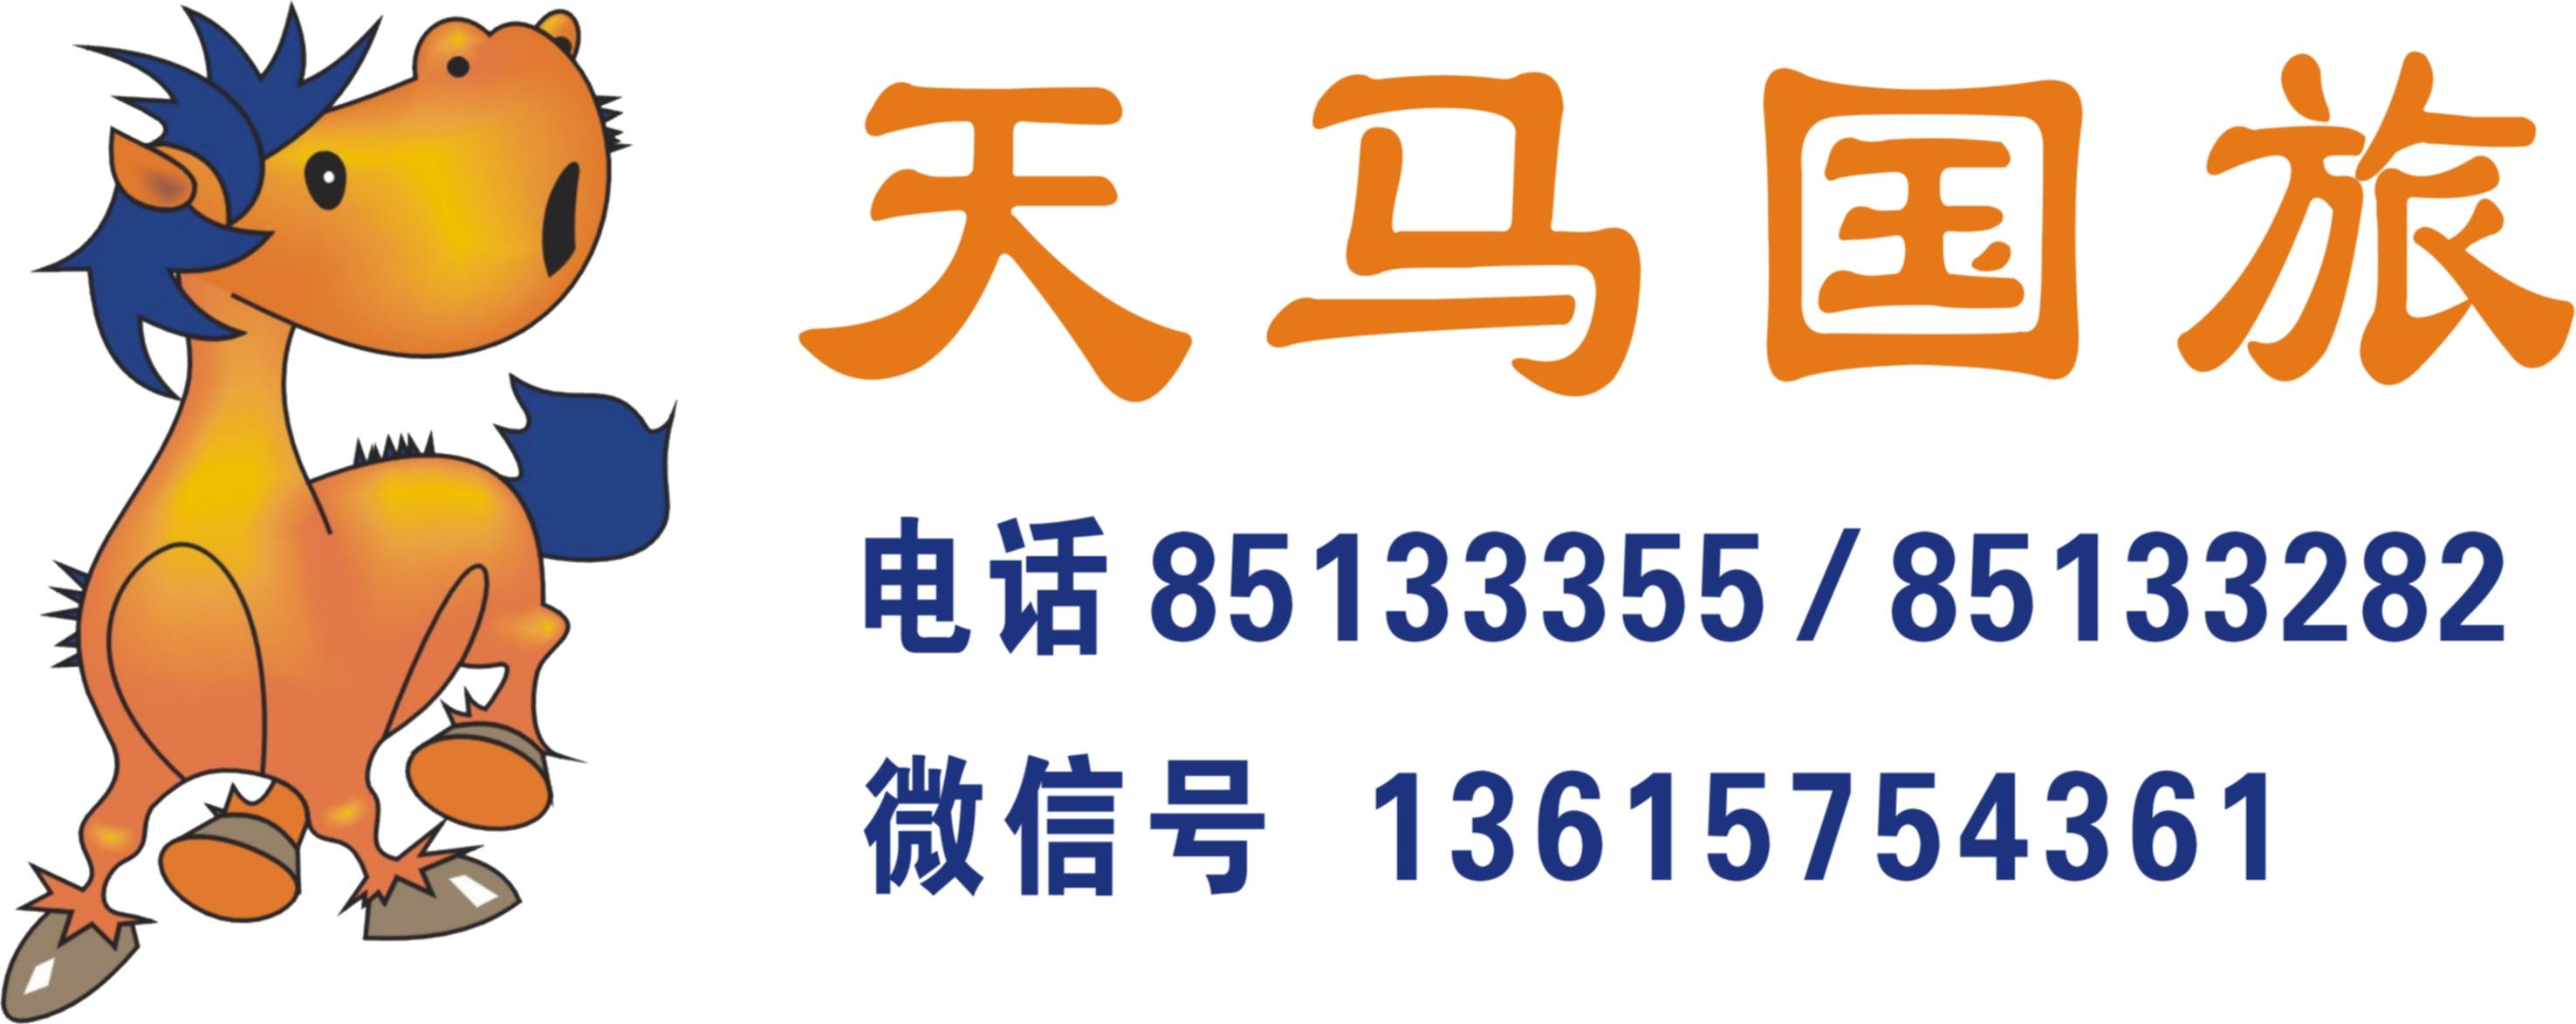 2.9【上海迪士尼乐园、上海野生动物园二日游】